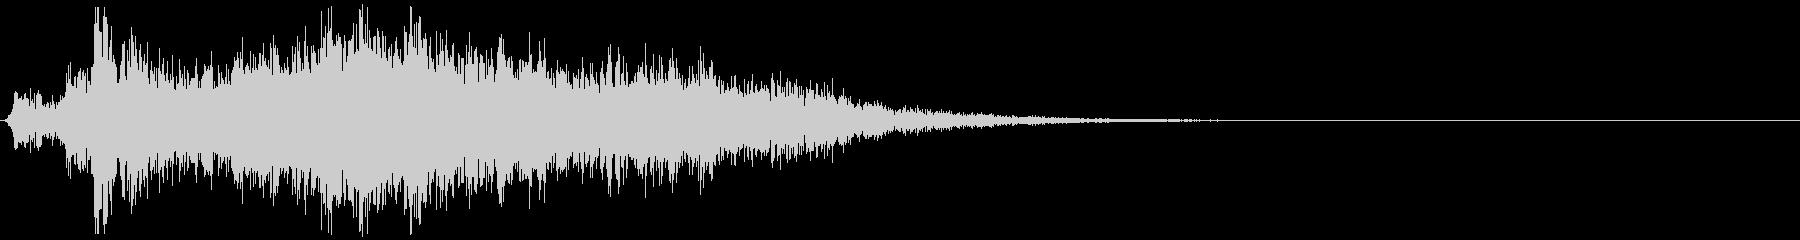 長めの武器強化orバフ音の未再生の波形